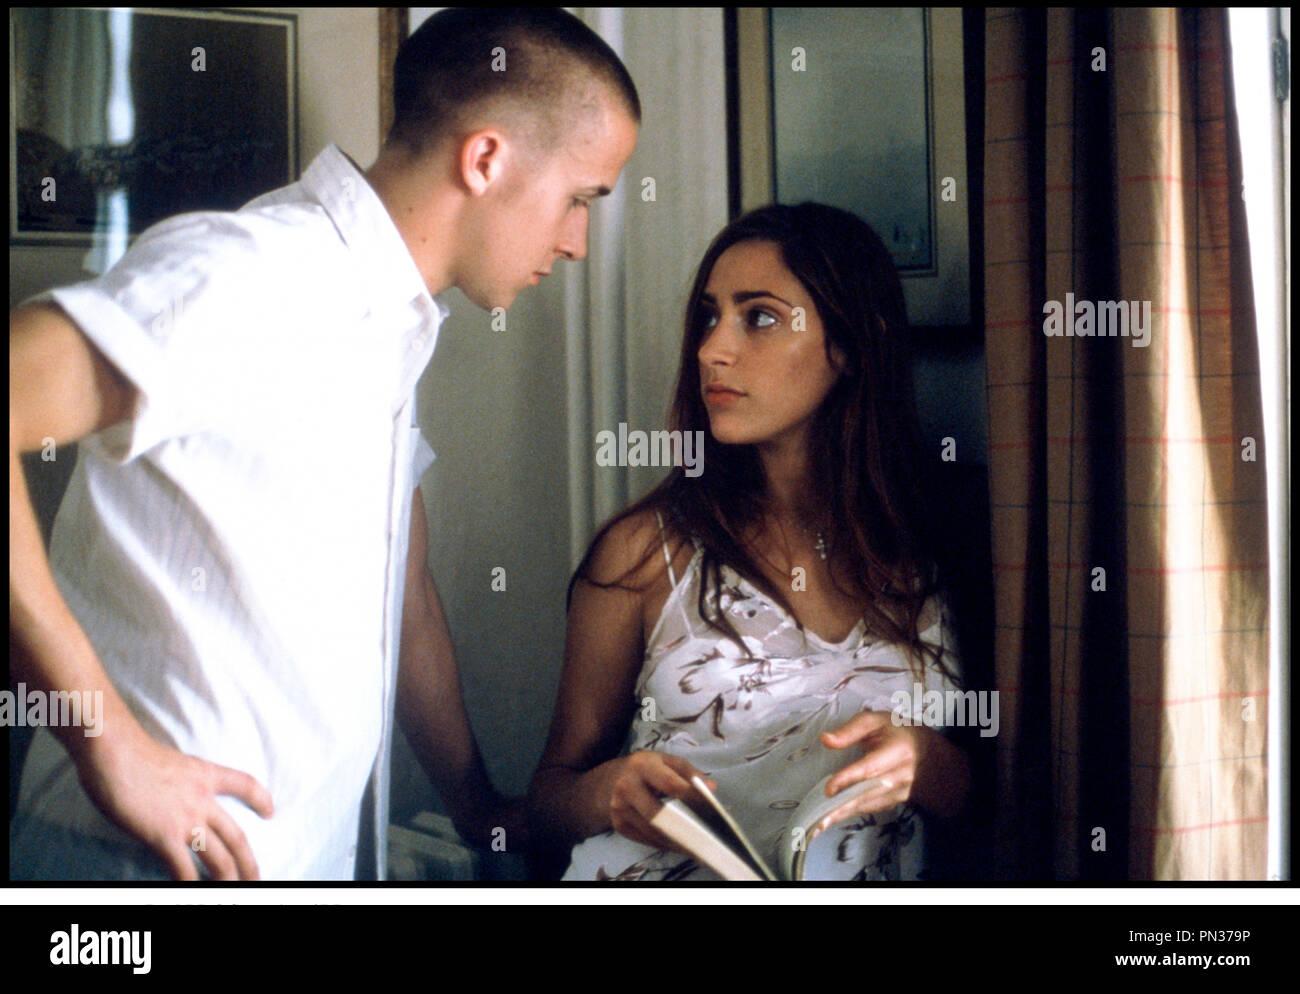 Prod DB © Seven Arts / DR DANNY BALINT (THE BELIEVER) de Henry Bean 2001 USA avec Ryan Gosling et Summer Phoenix confrontation, dispute - Stock Image